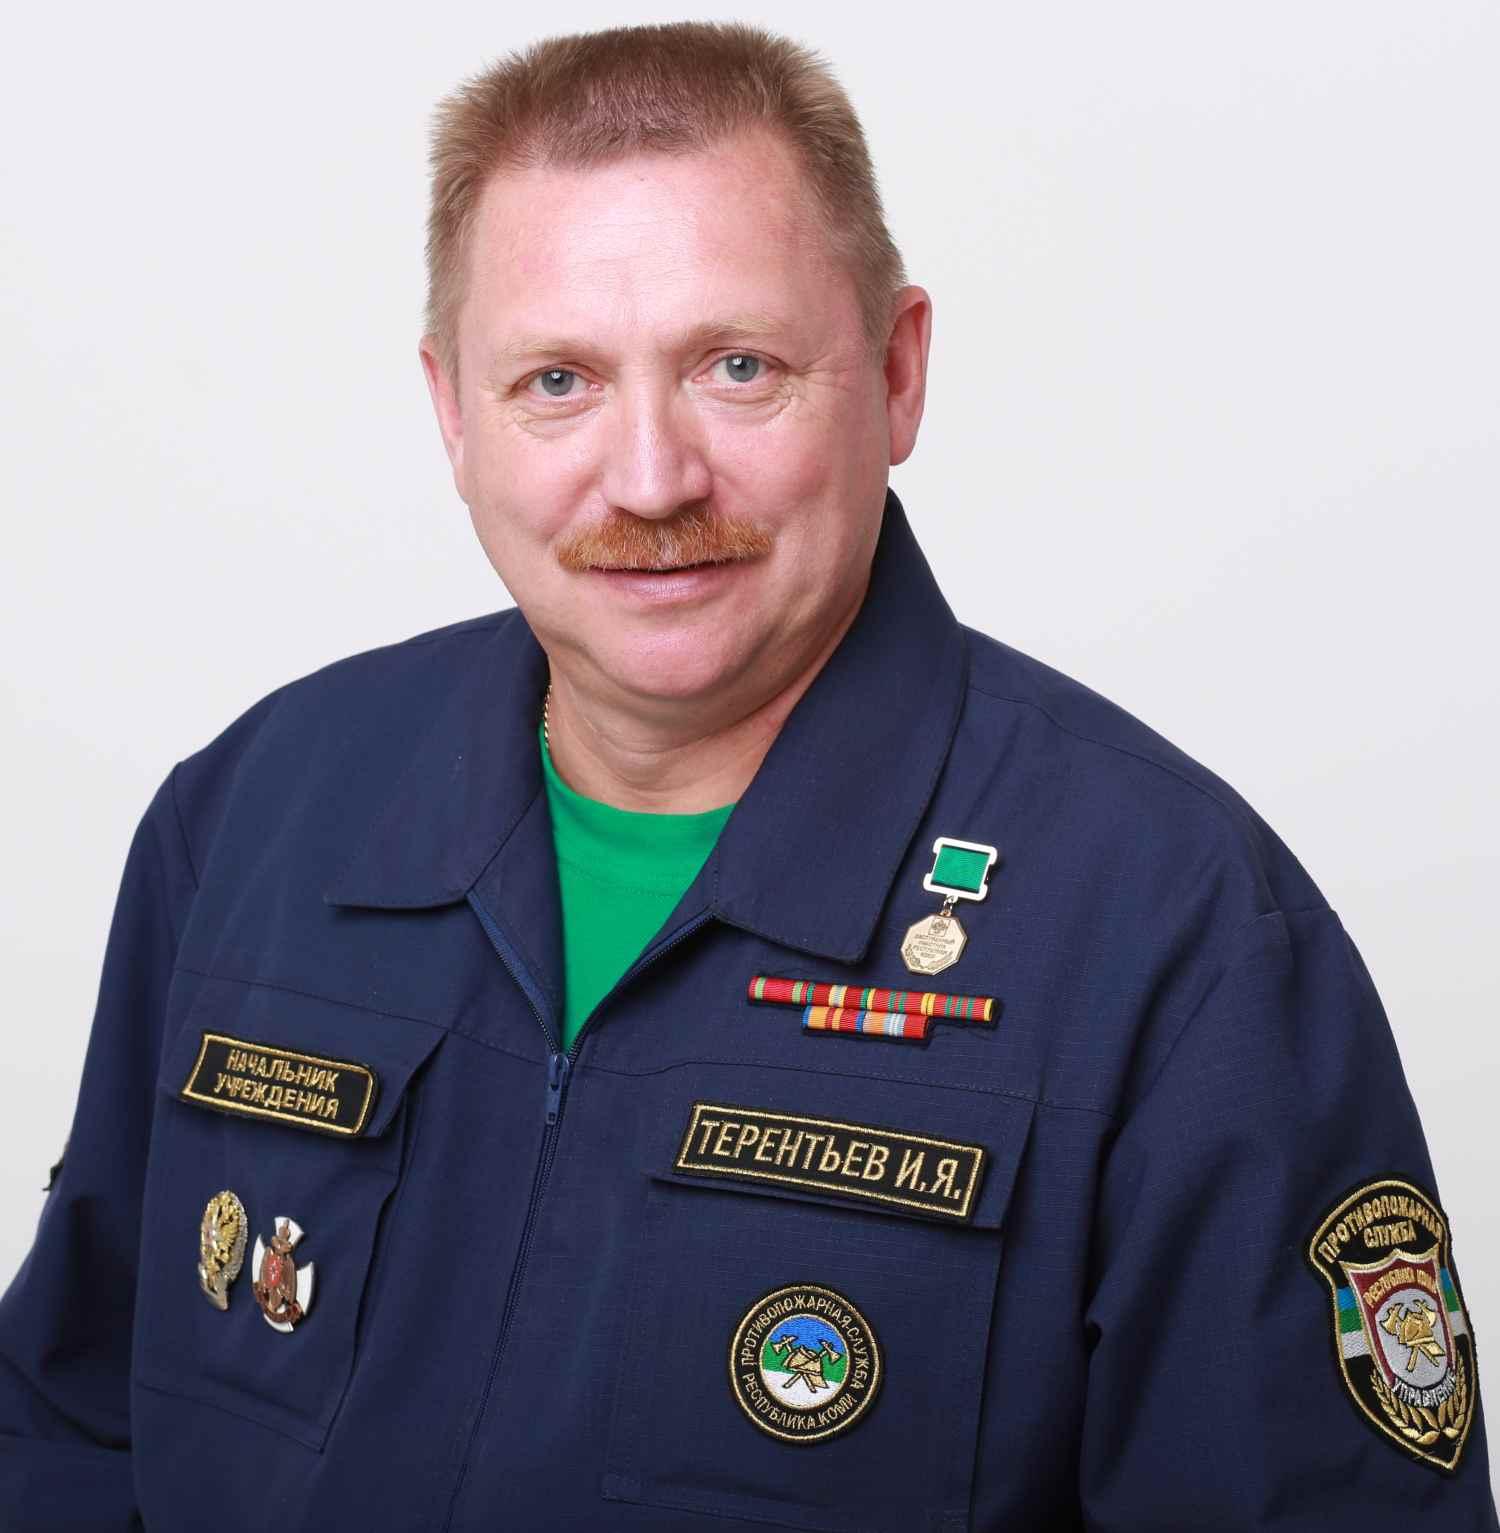 Стала известна дата похорон экс-депутата Госсовета РК Игоря Терентьева, который погиб в ДТП ...